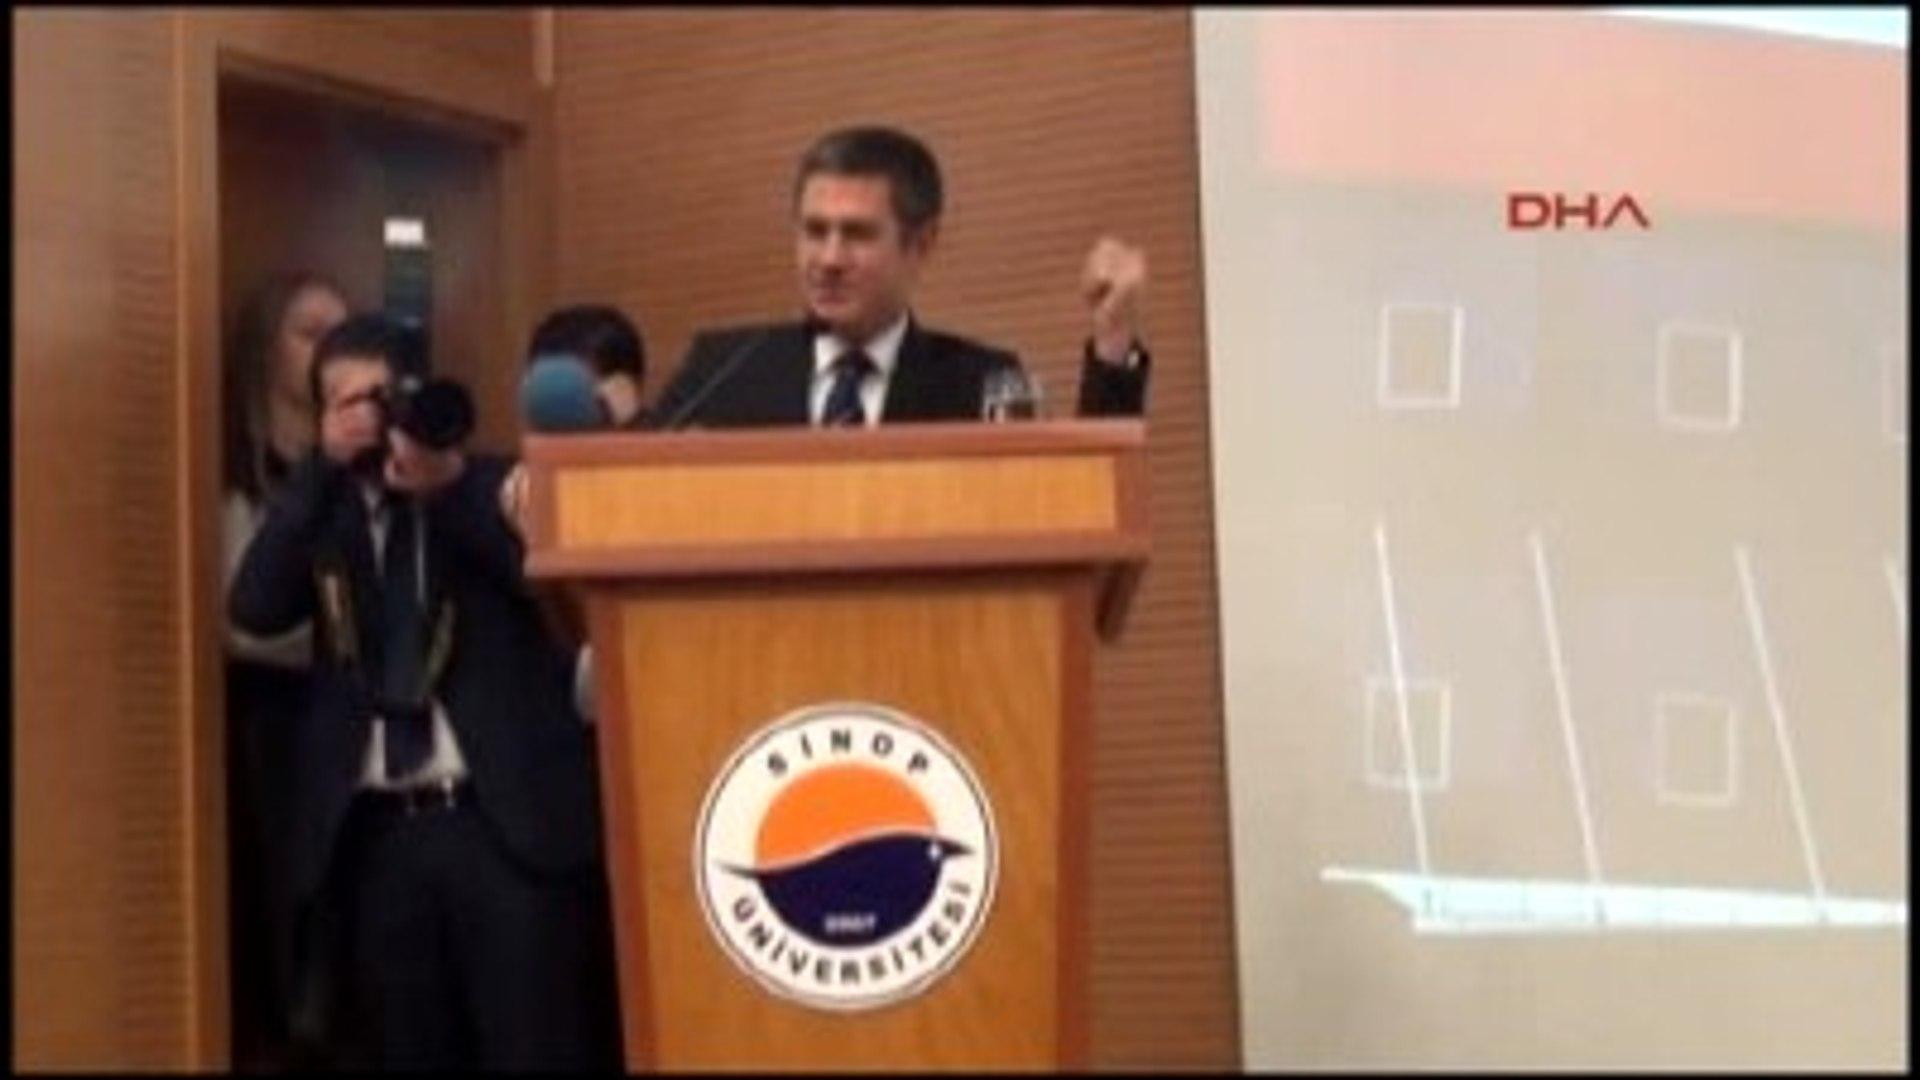 Sinop Bakan Canikli, Sinop'ta Yüksekokul Açılışına Katıldı Ek Görüntü